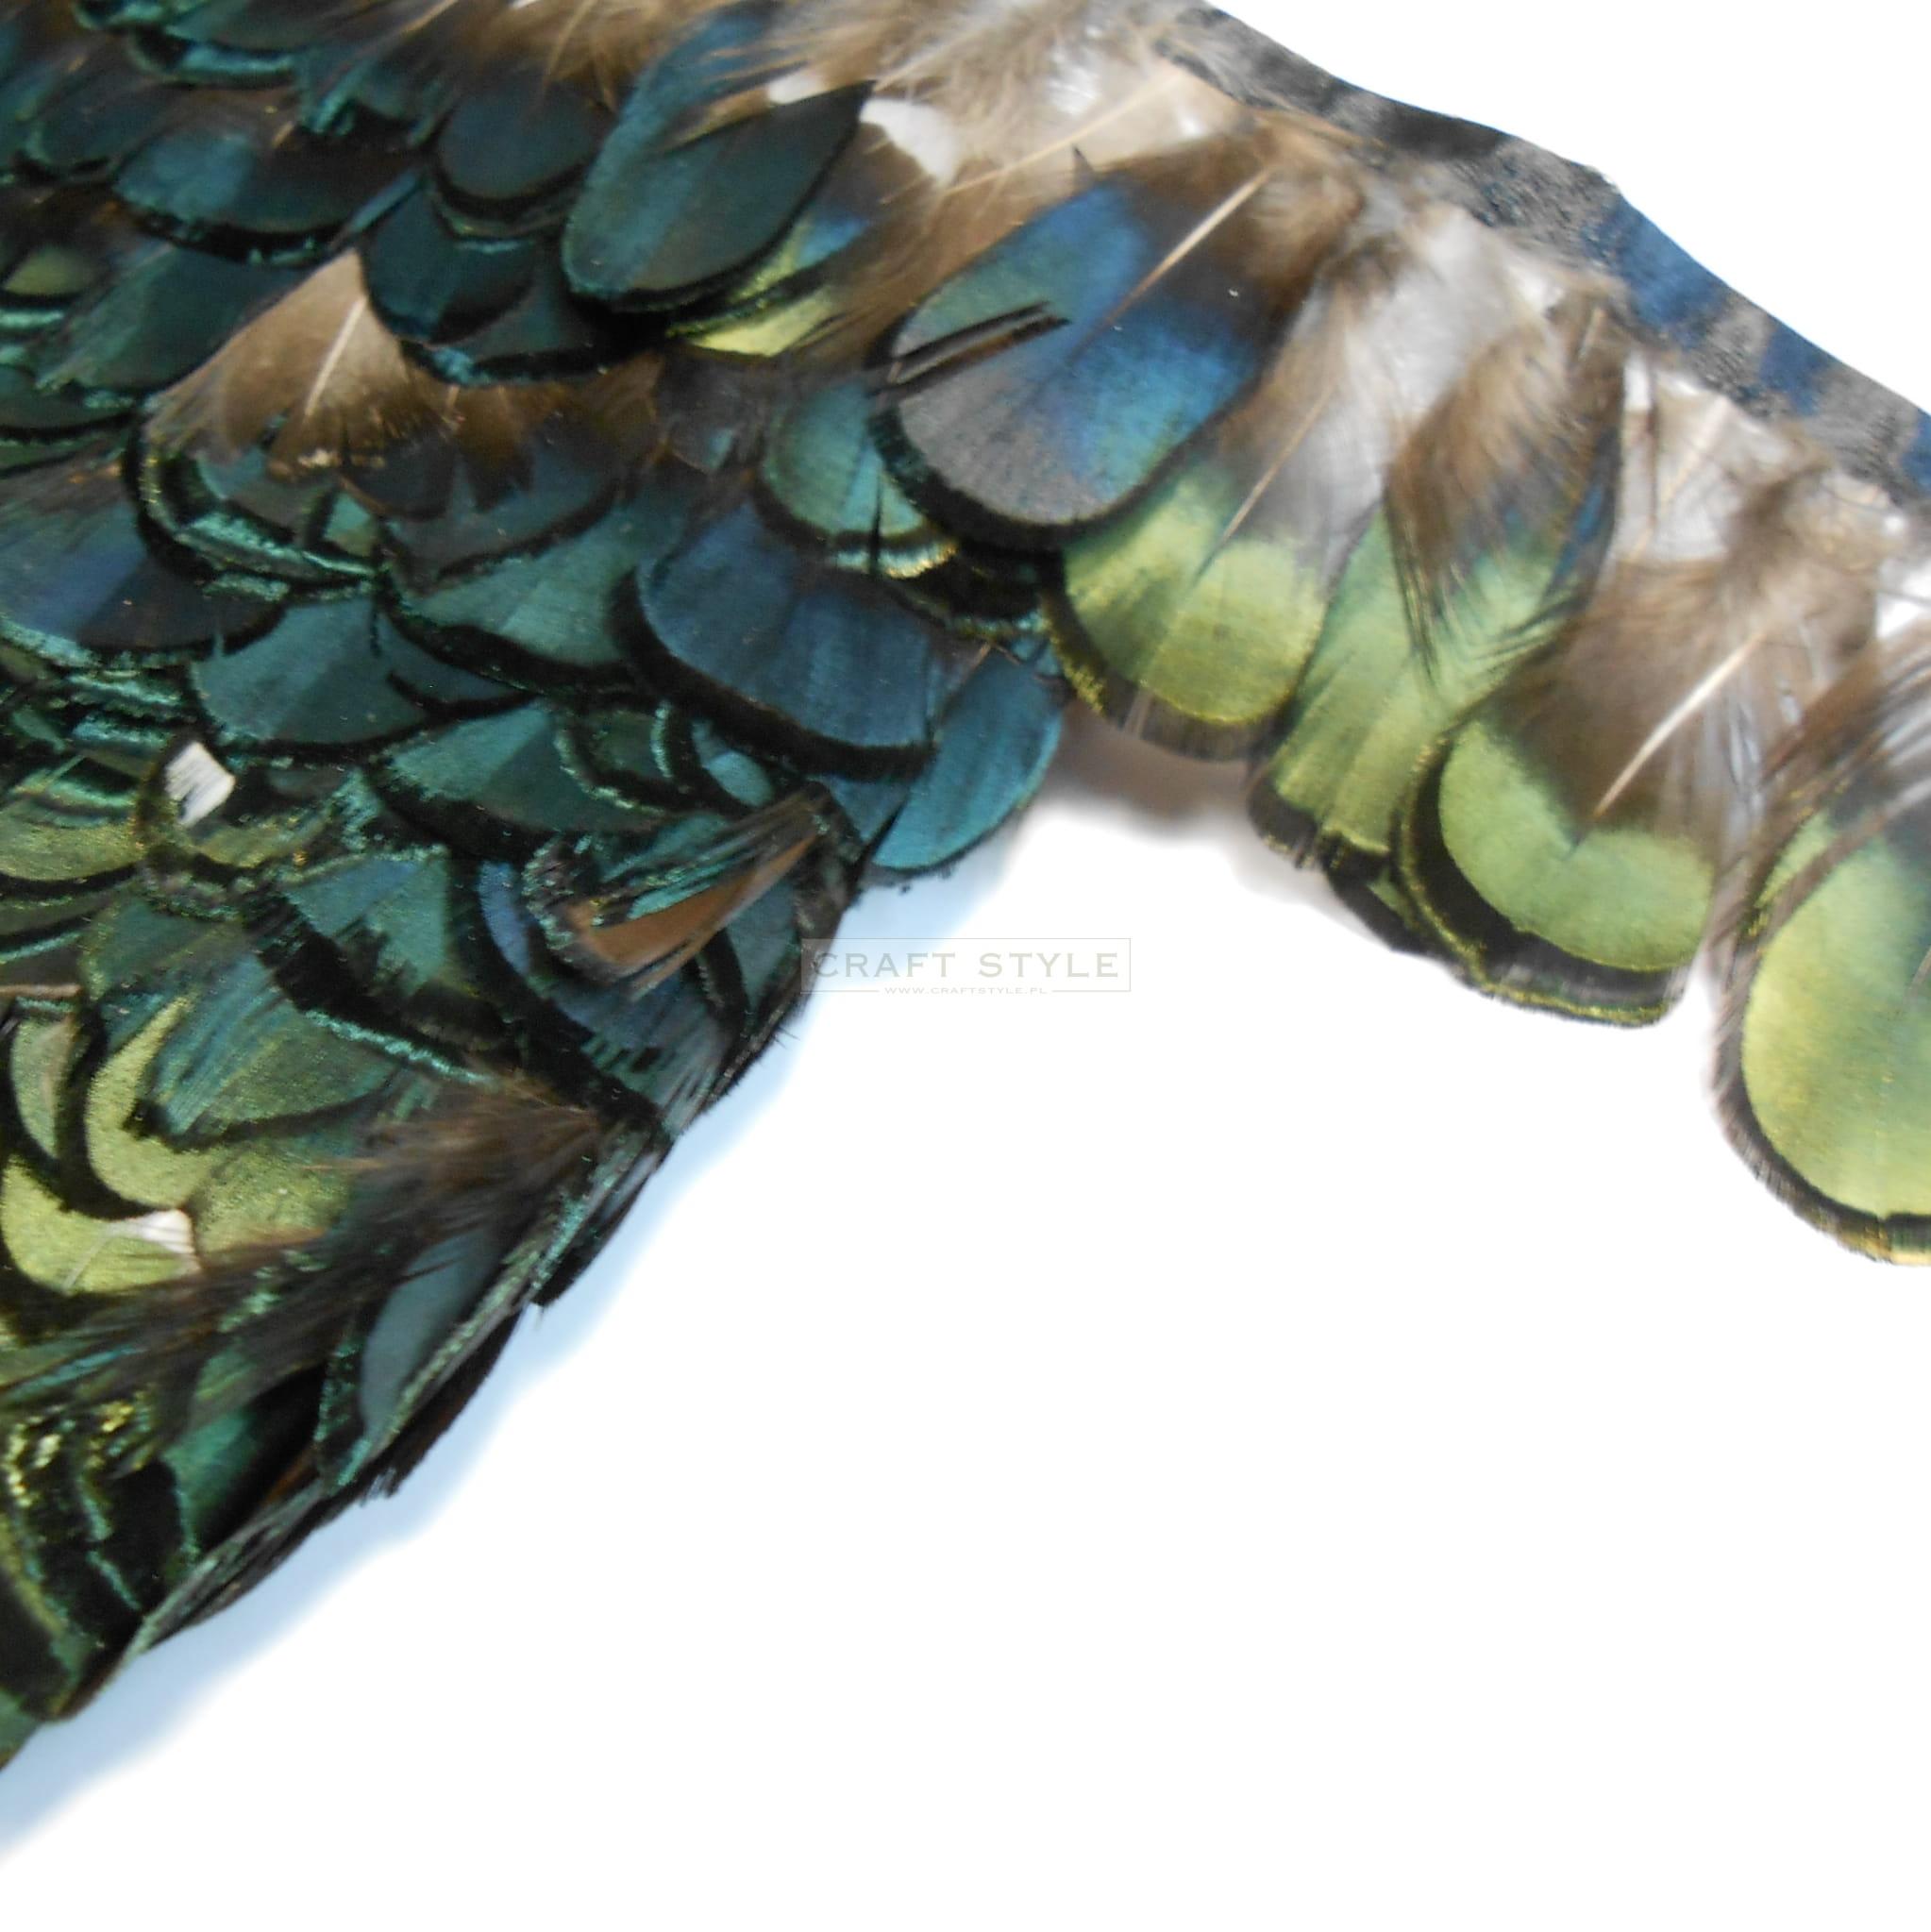 8b4e3411dc Pióra na taśmie - bażant zielonkawe - 50 cm w Craft Style